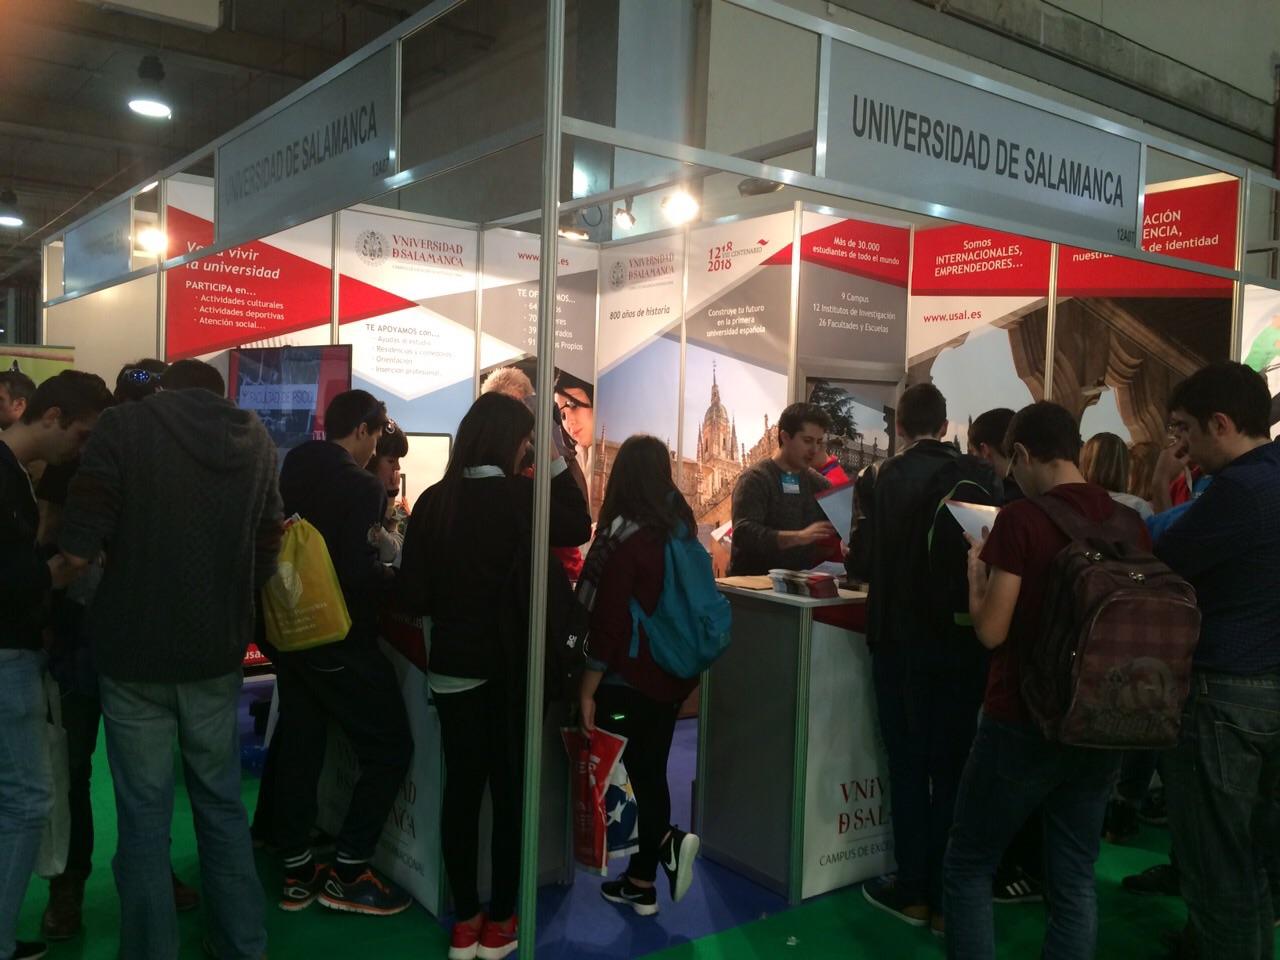 El estand de la Universidad de Salamanca en AULA 2015 recibe la visita de centenares de estudiantes interesados en conocer su oferta académica